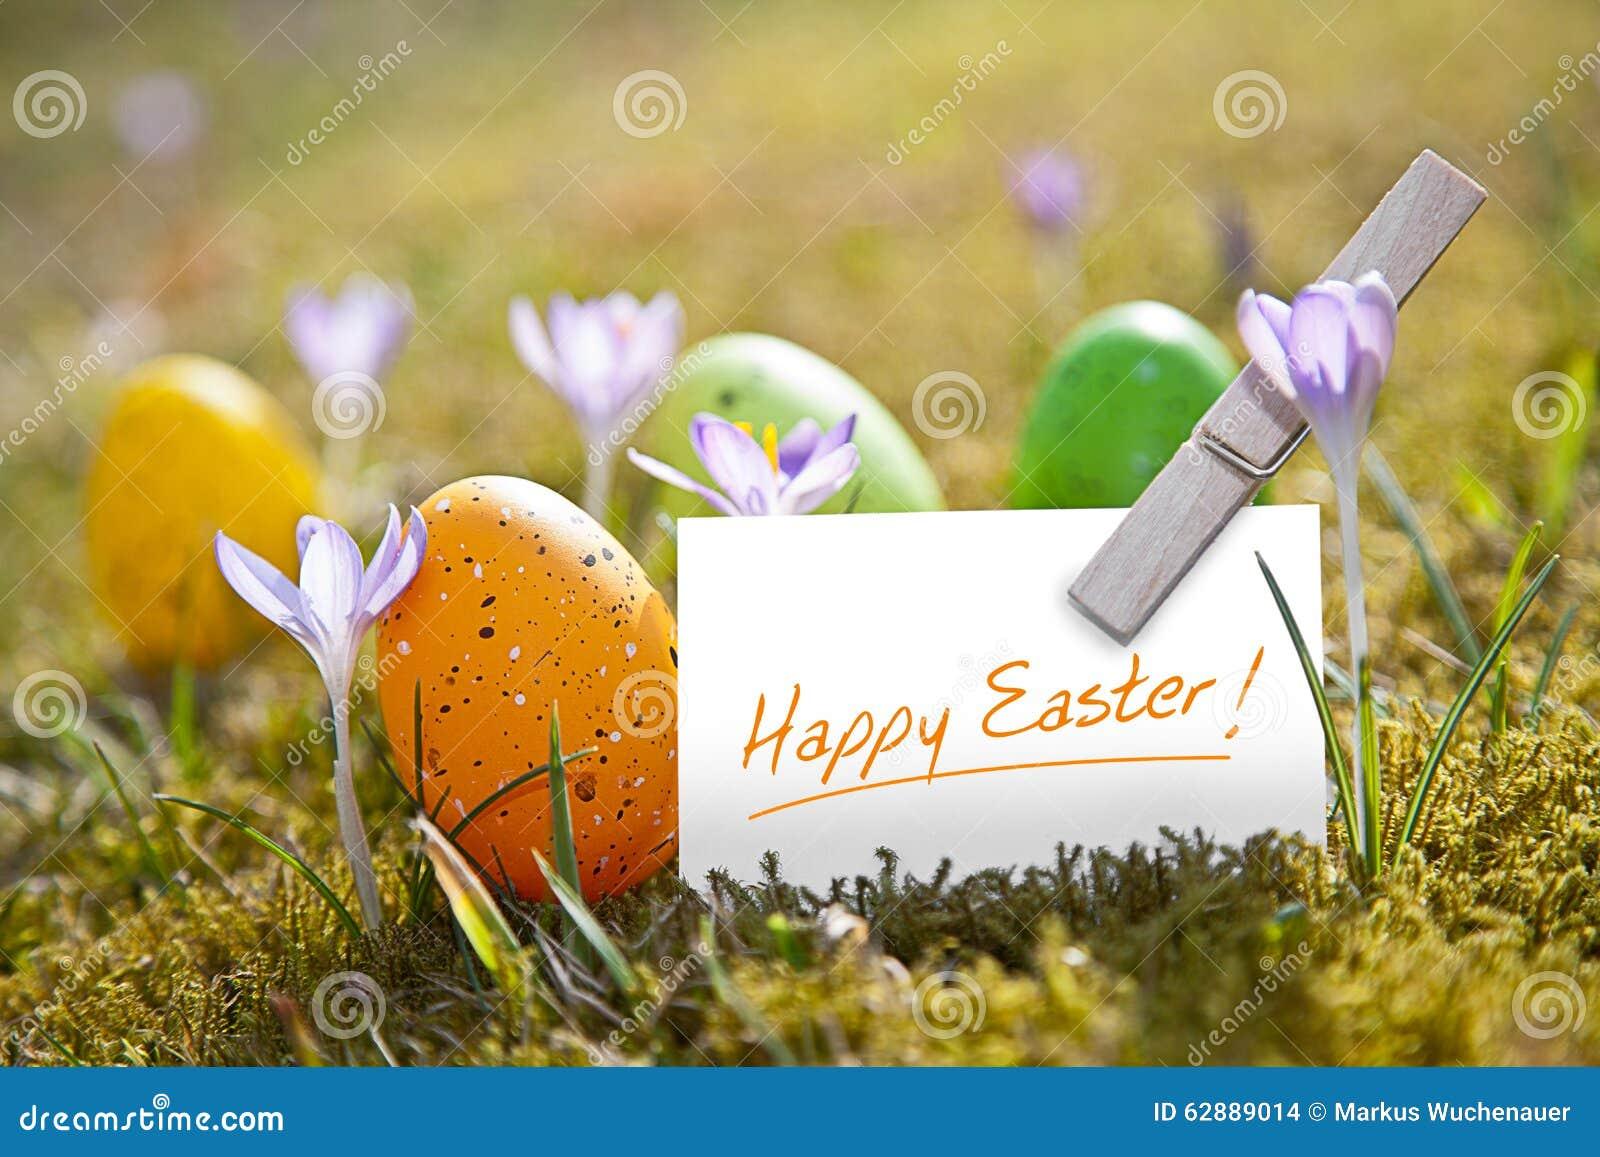 Oeufs de pâques avec le mot Joyeuses Pâques